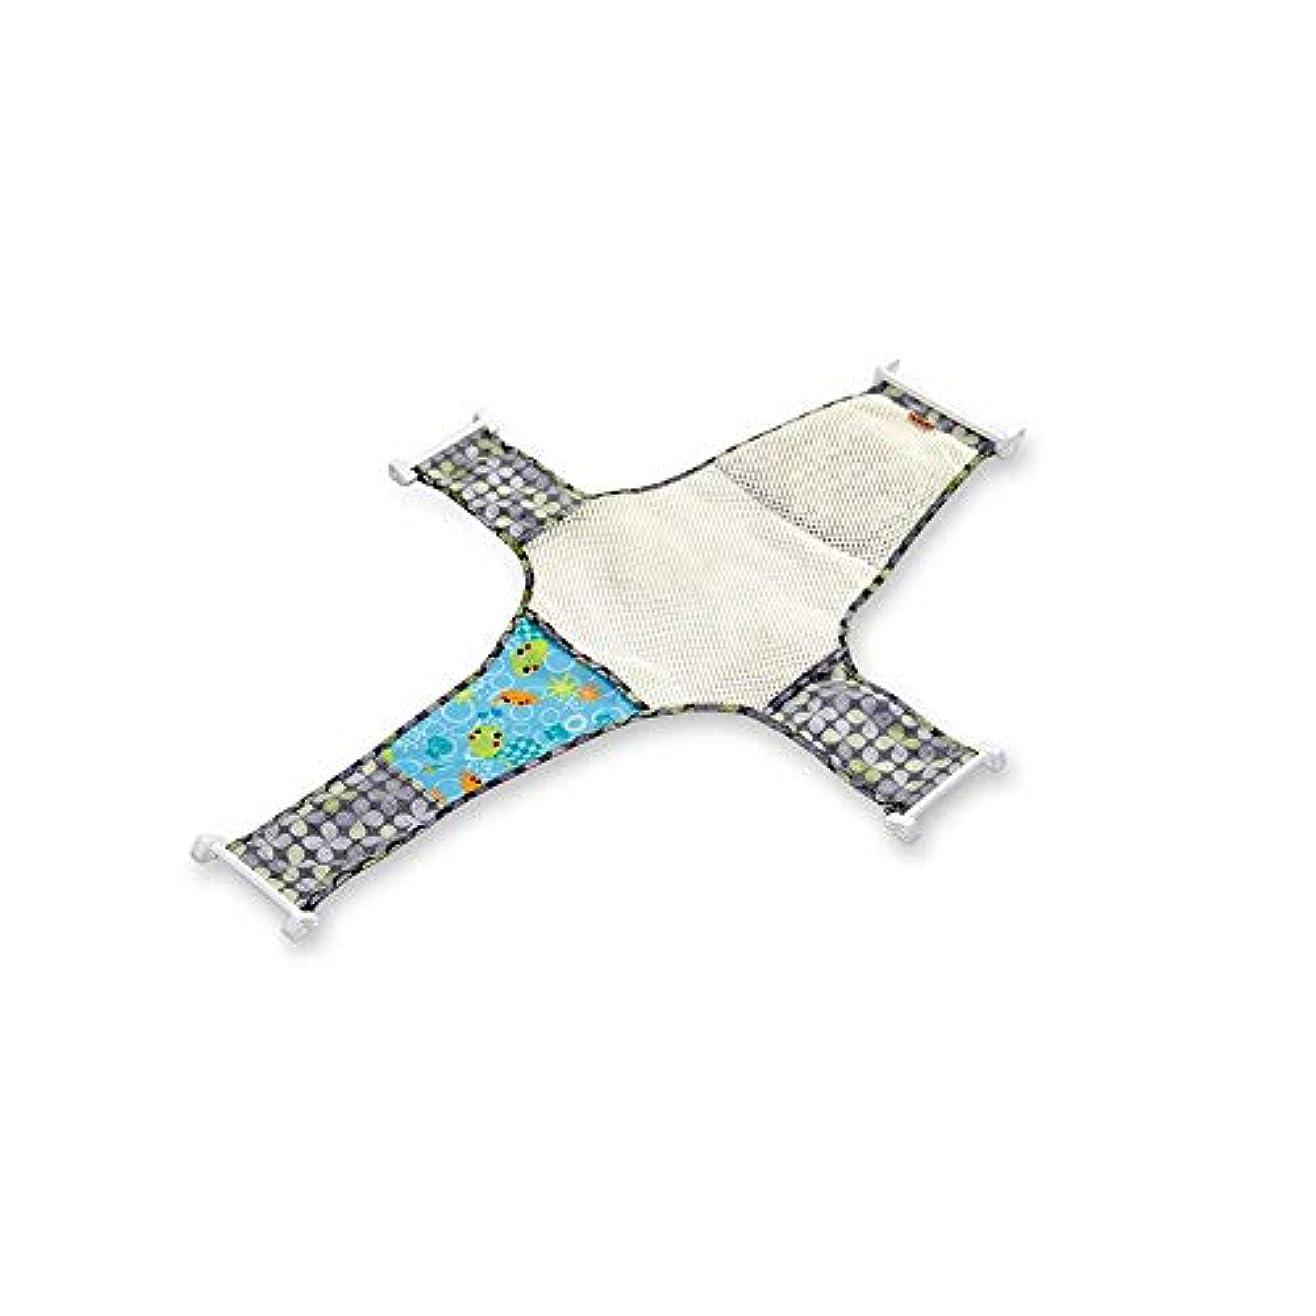 トレイル仲人セラーOnior調整可能 十字メッシュ パターン バスタブ 座席 スタンドネット 滑り止め 浴槽網 耐久性